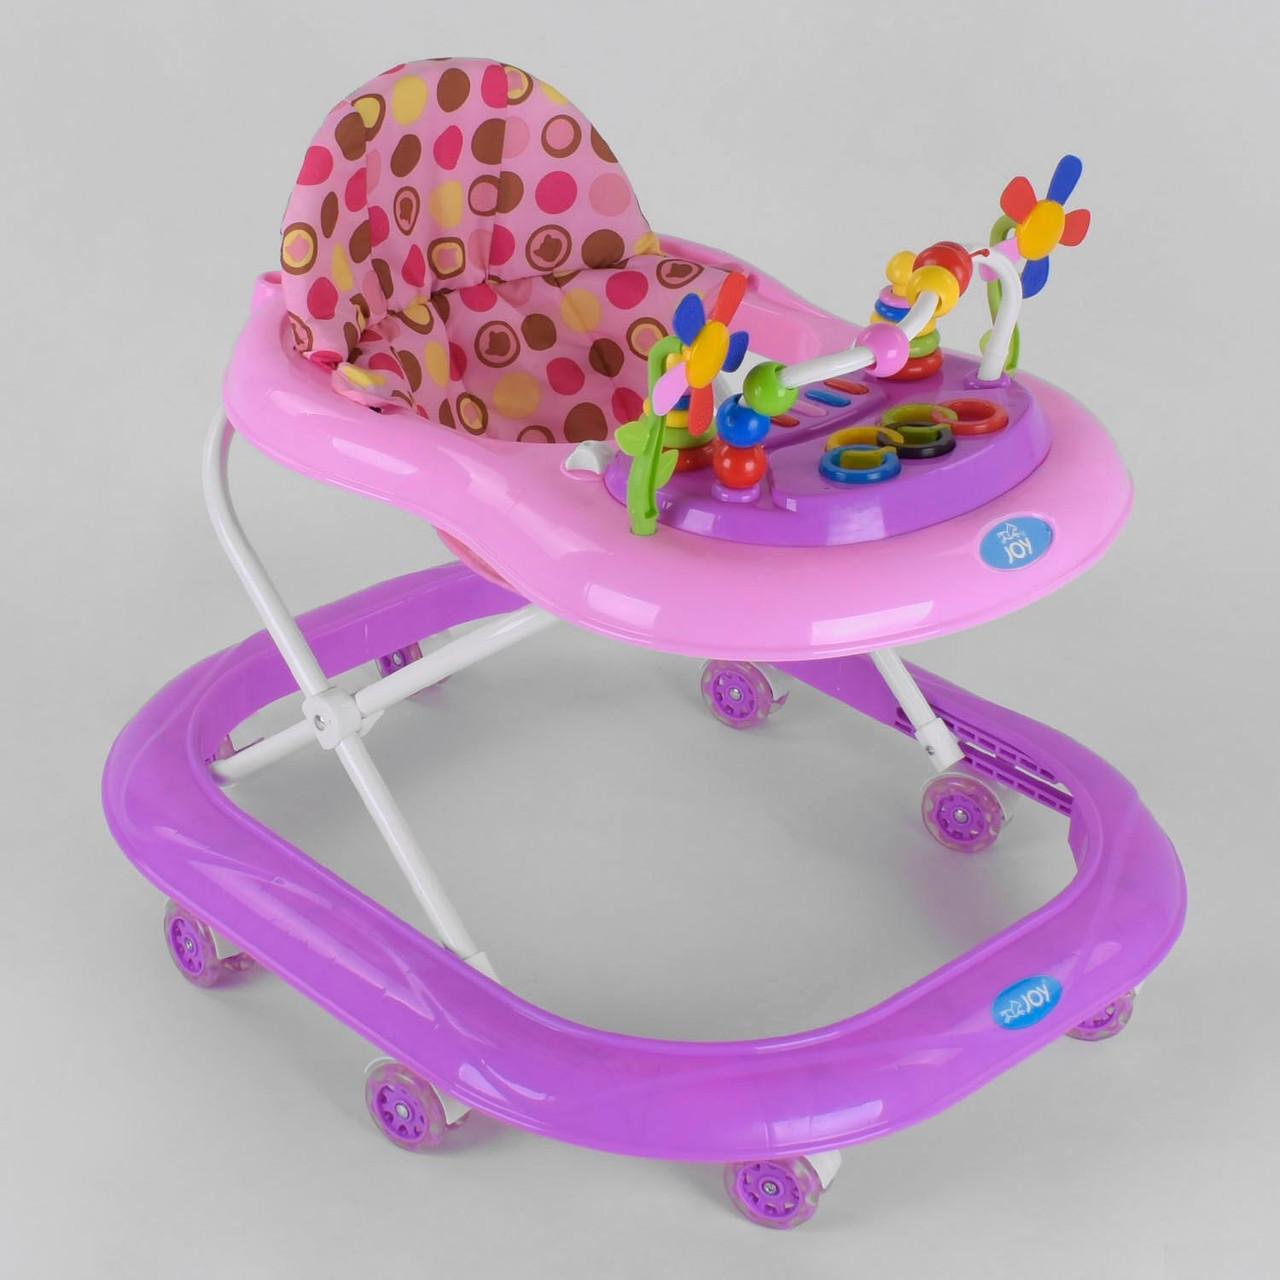 Дитячі ходунки для дівчинки рожеві / ходунки для дітей з силіконовими колесами